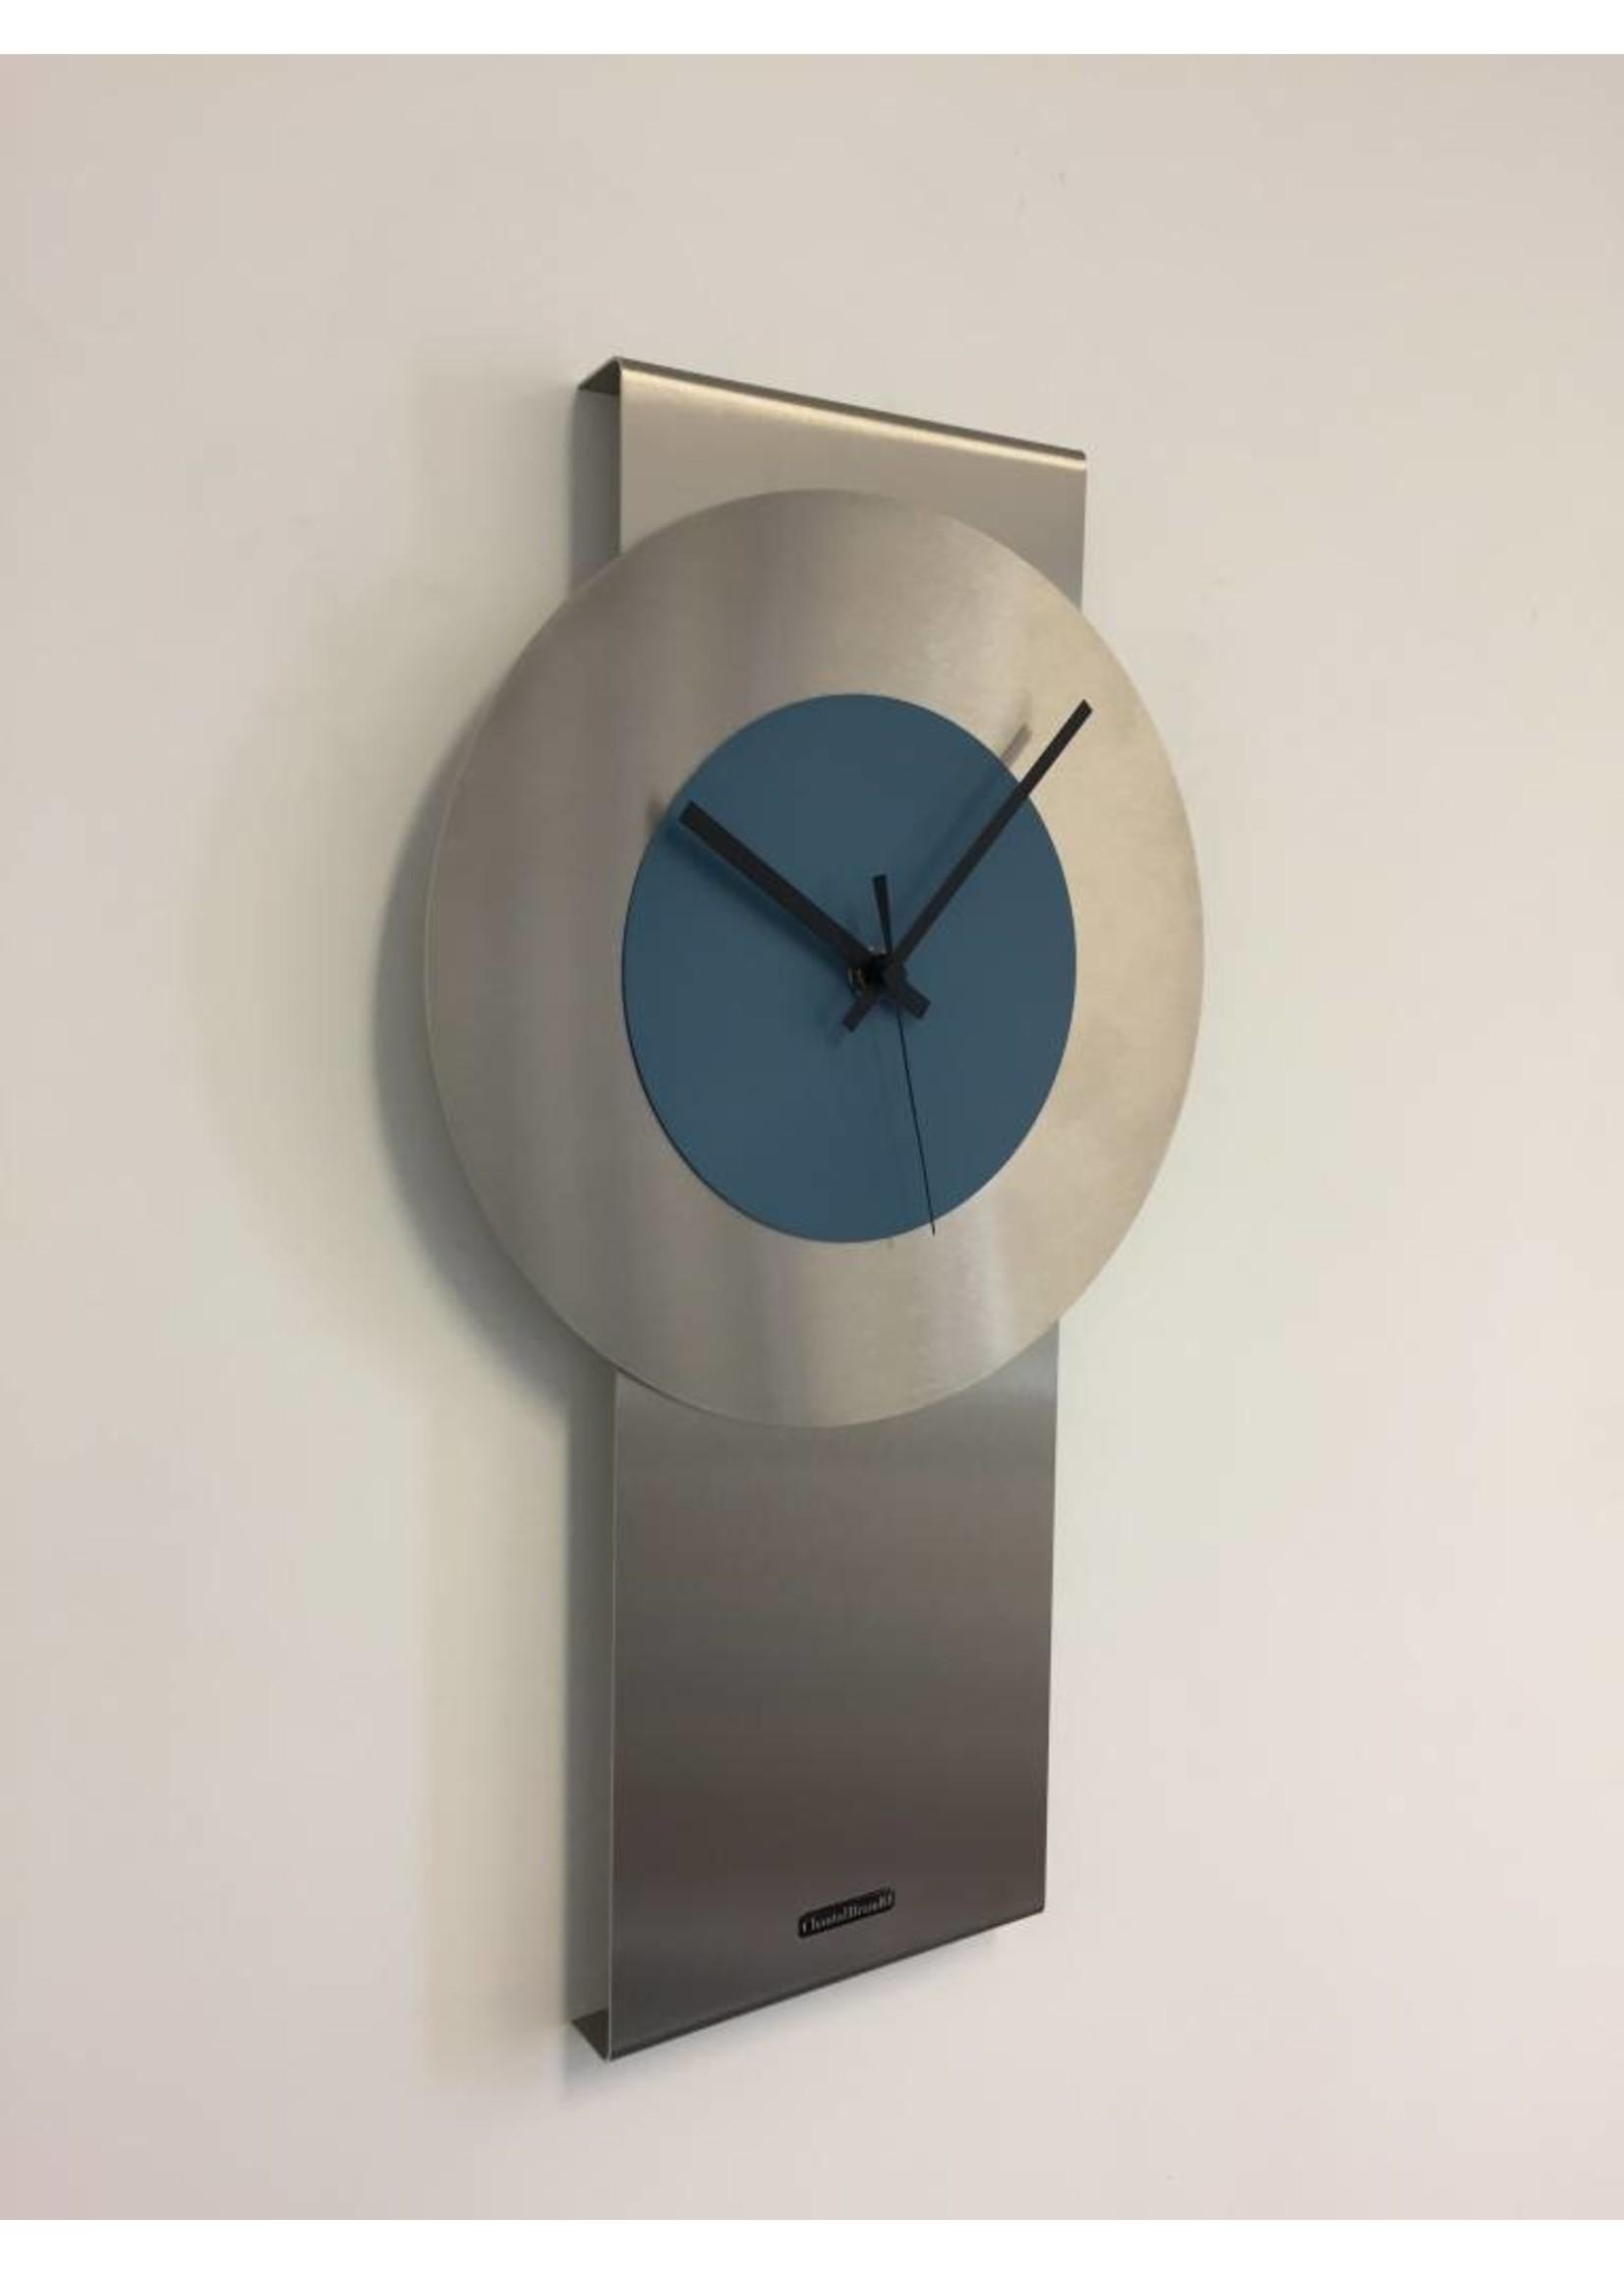 Klokkendiscounter Wandklok Pendulum Steel-Blue Design